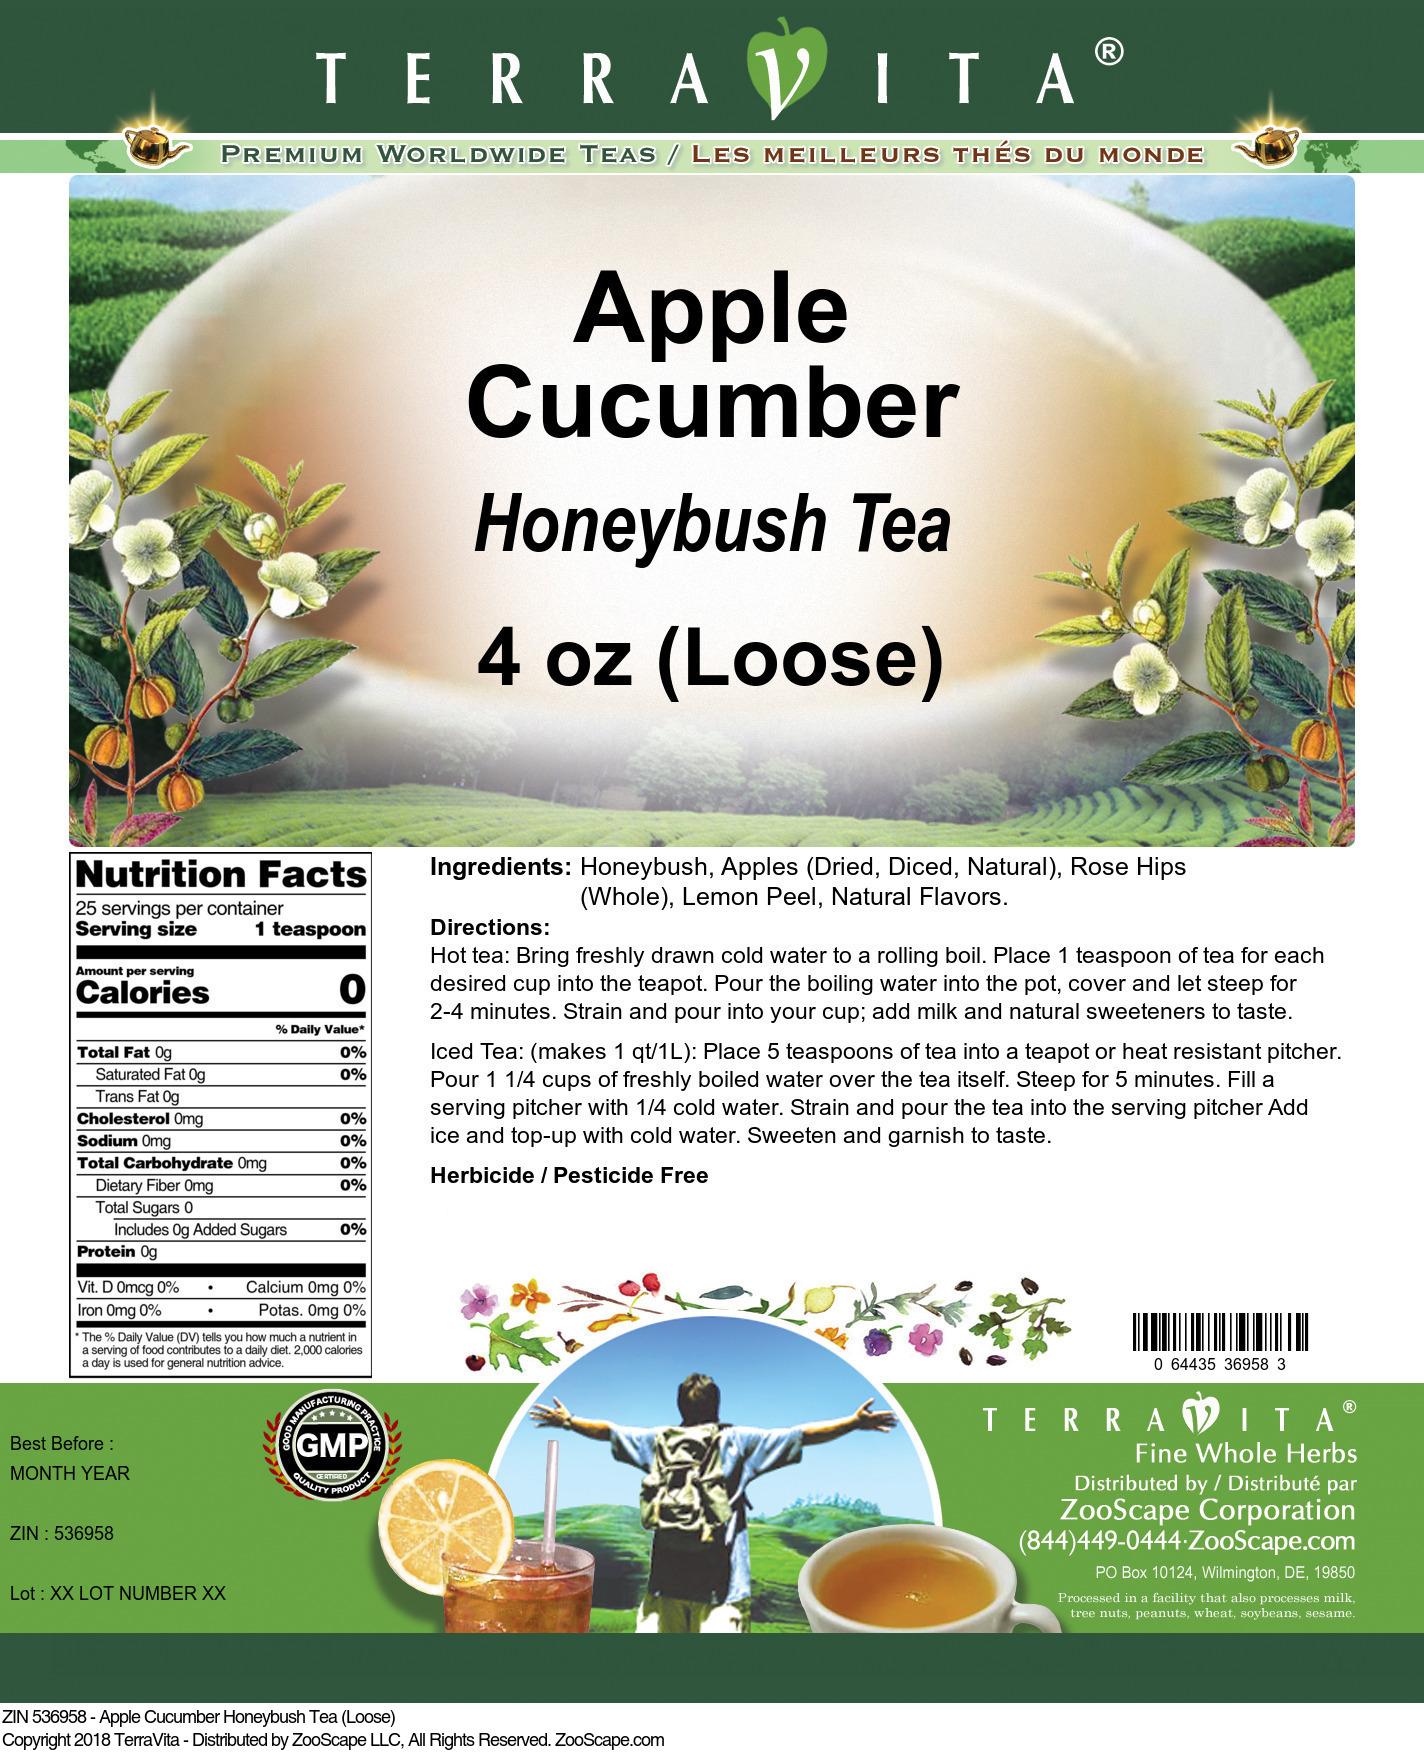 Apple Cucumber Honeybush Tea (Loose)